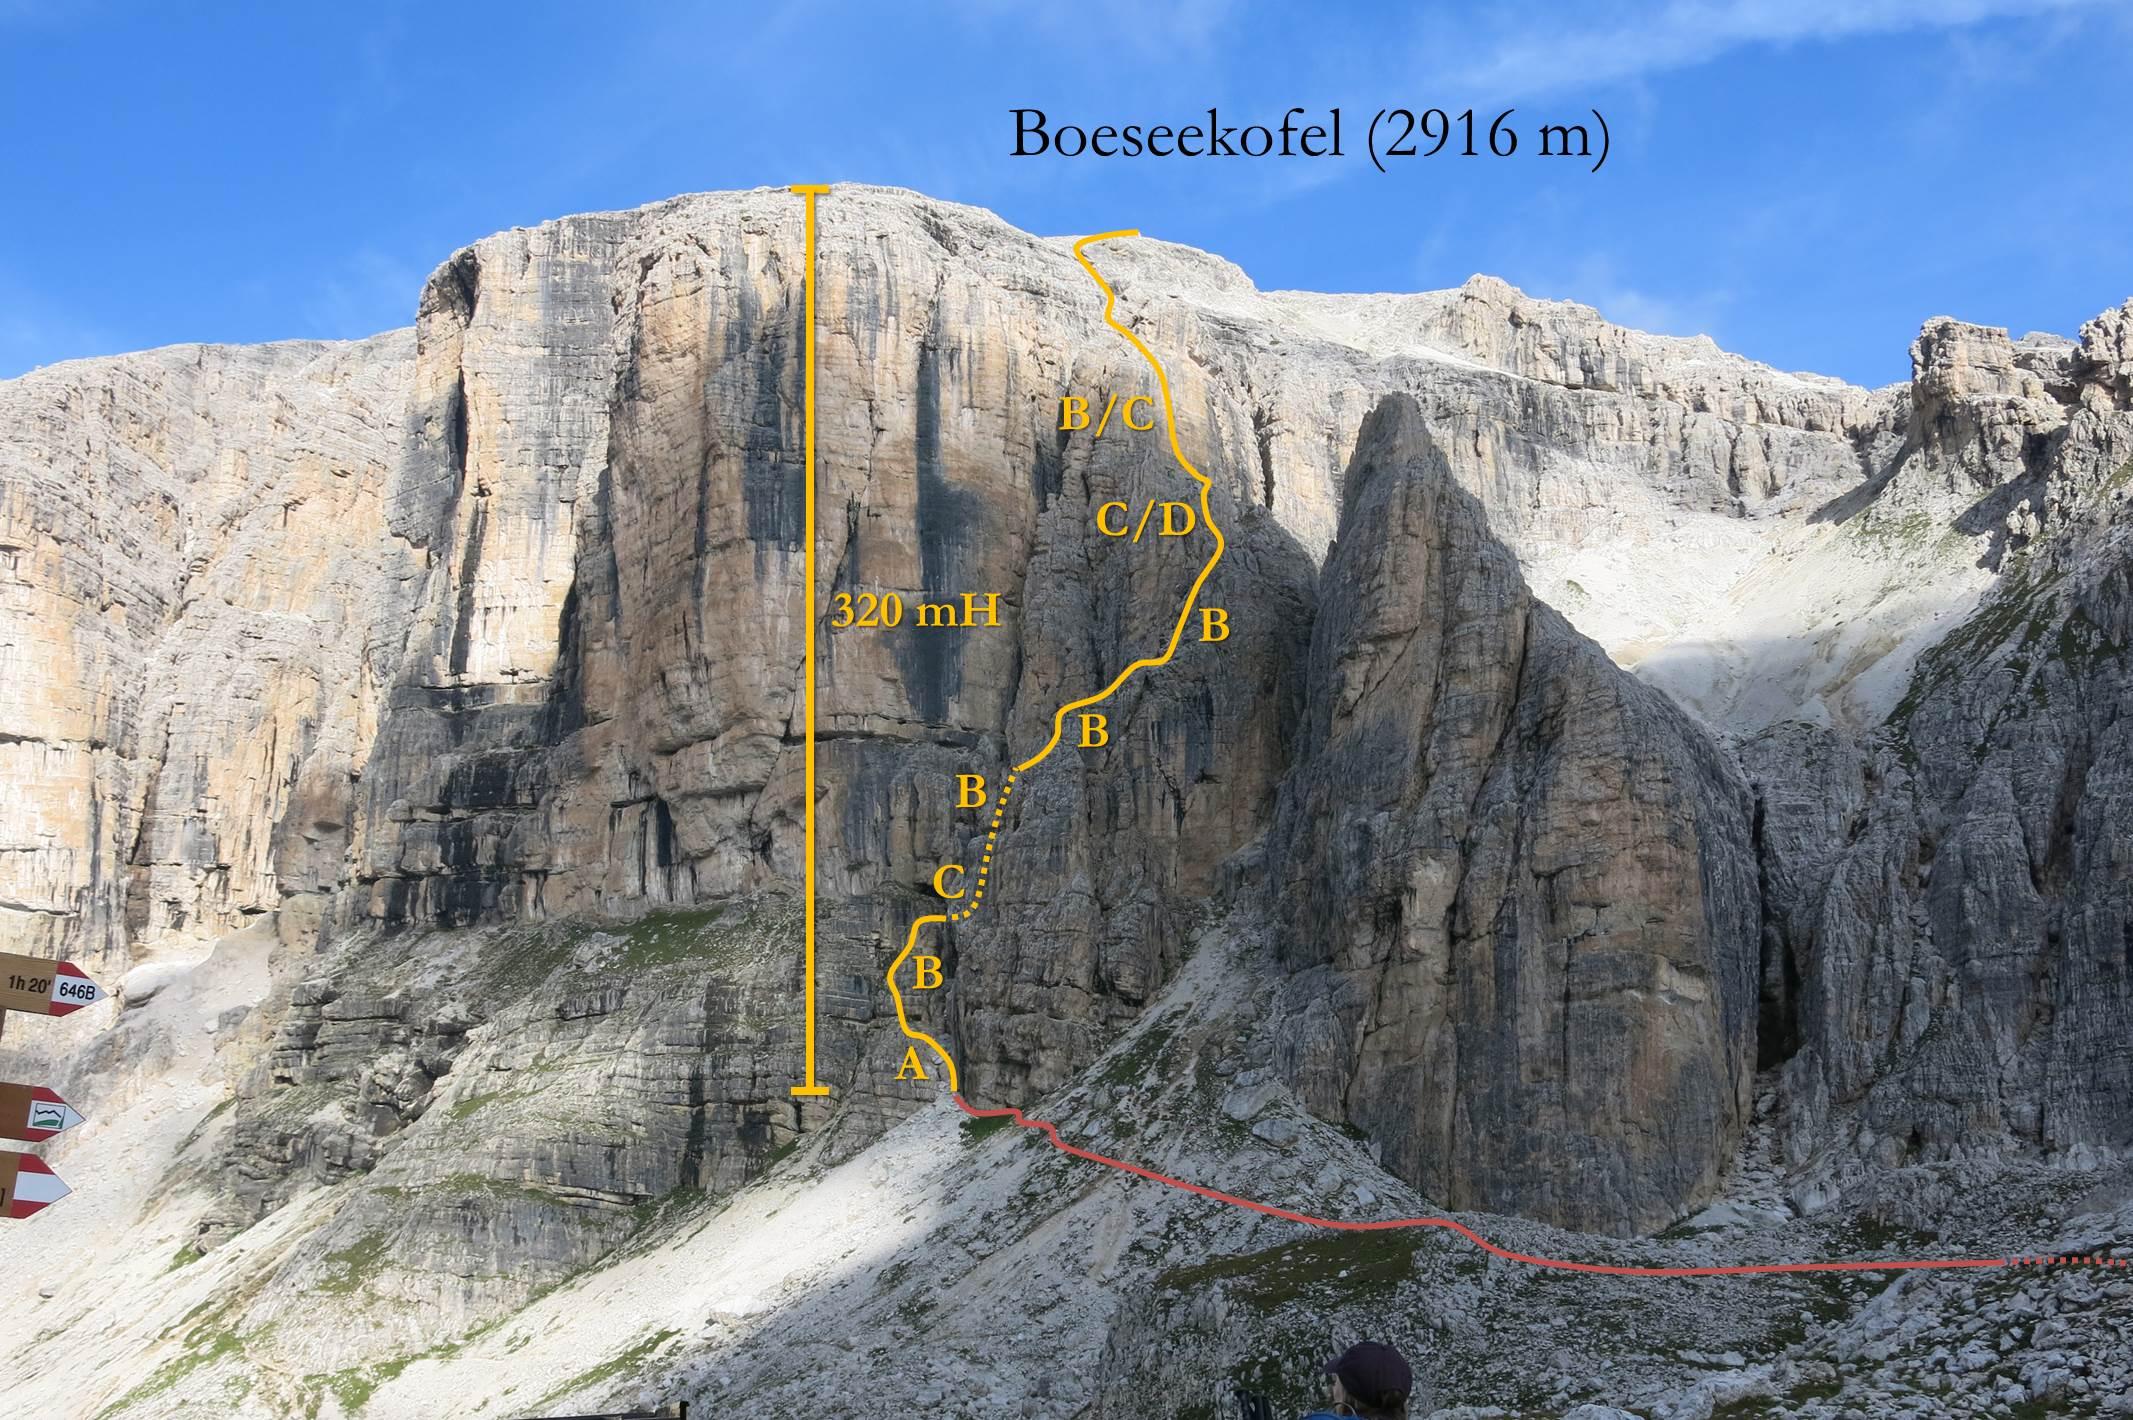 Klettersteig Piz Boe : Boeseekofel klettersteig faszination hochtouren